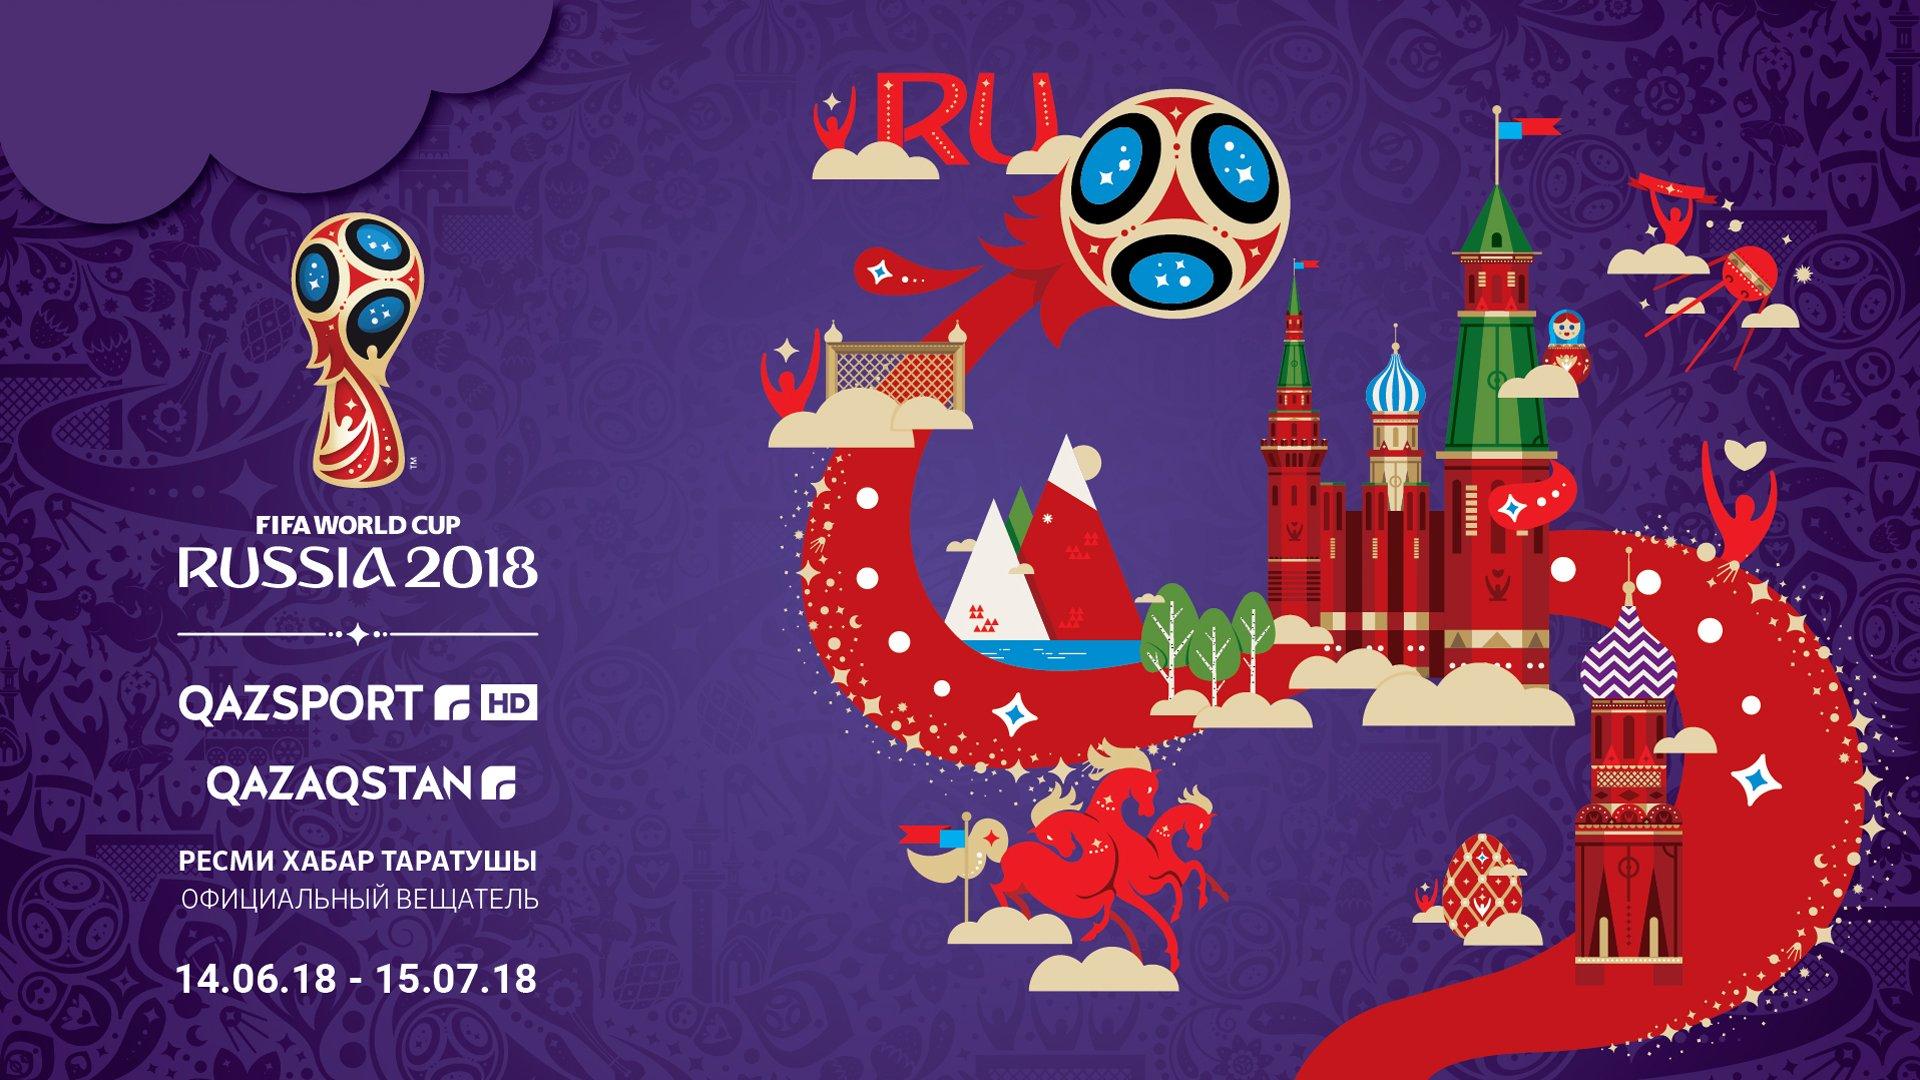 ФИФА представила официальную заставку к чемпионату мира в России